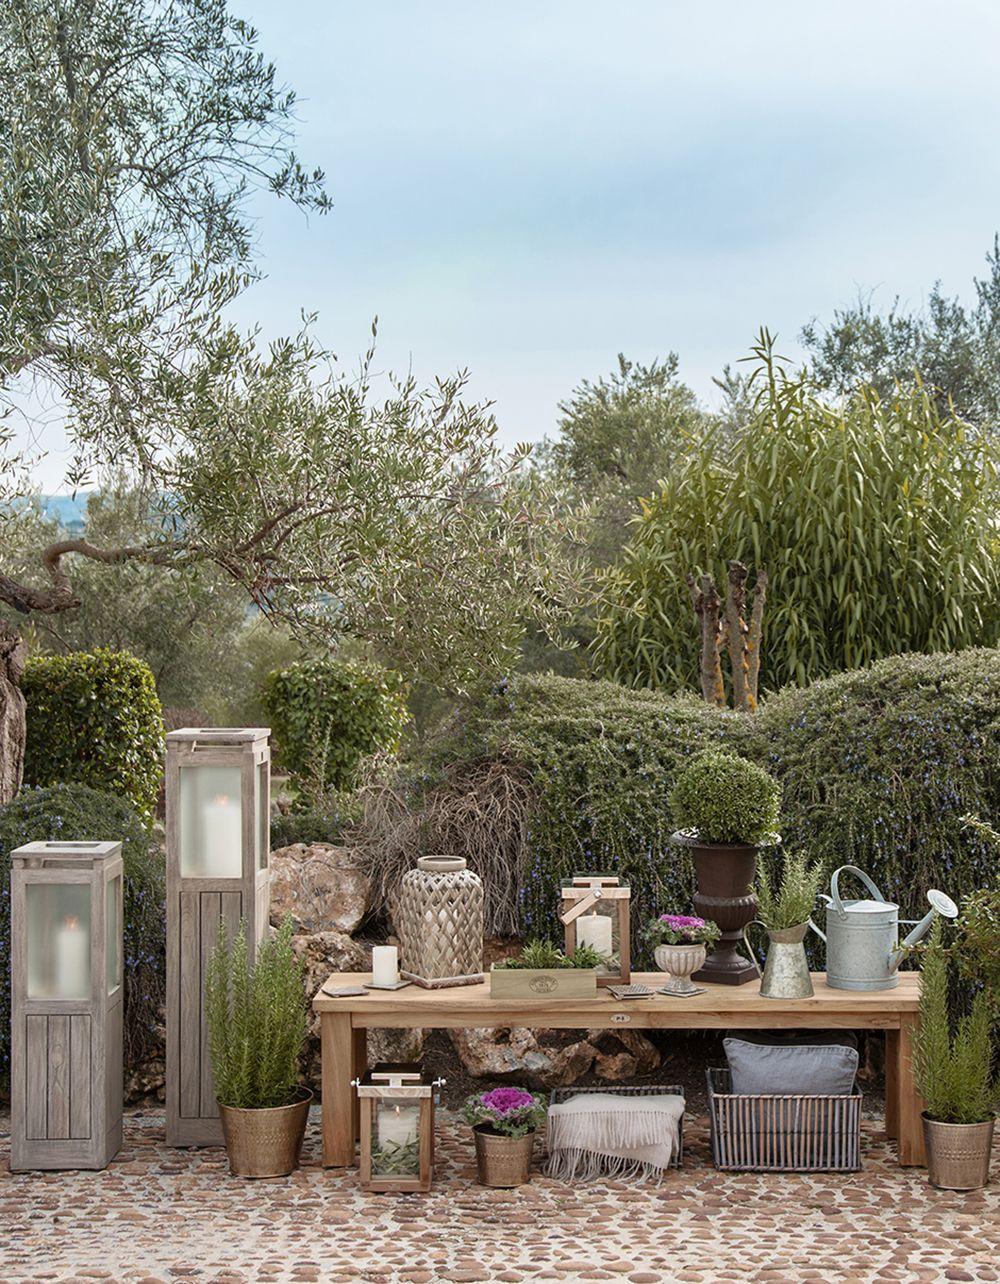 Holen Sie Sich Den Look Lebendige Welten Zum Verlieben In 2020 Gartengestaltung Garten Vorgarten